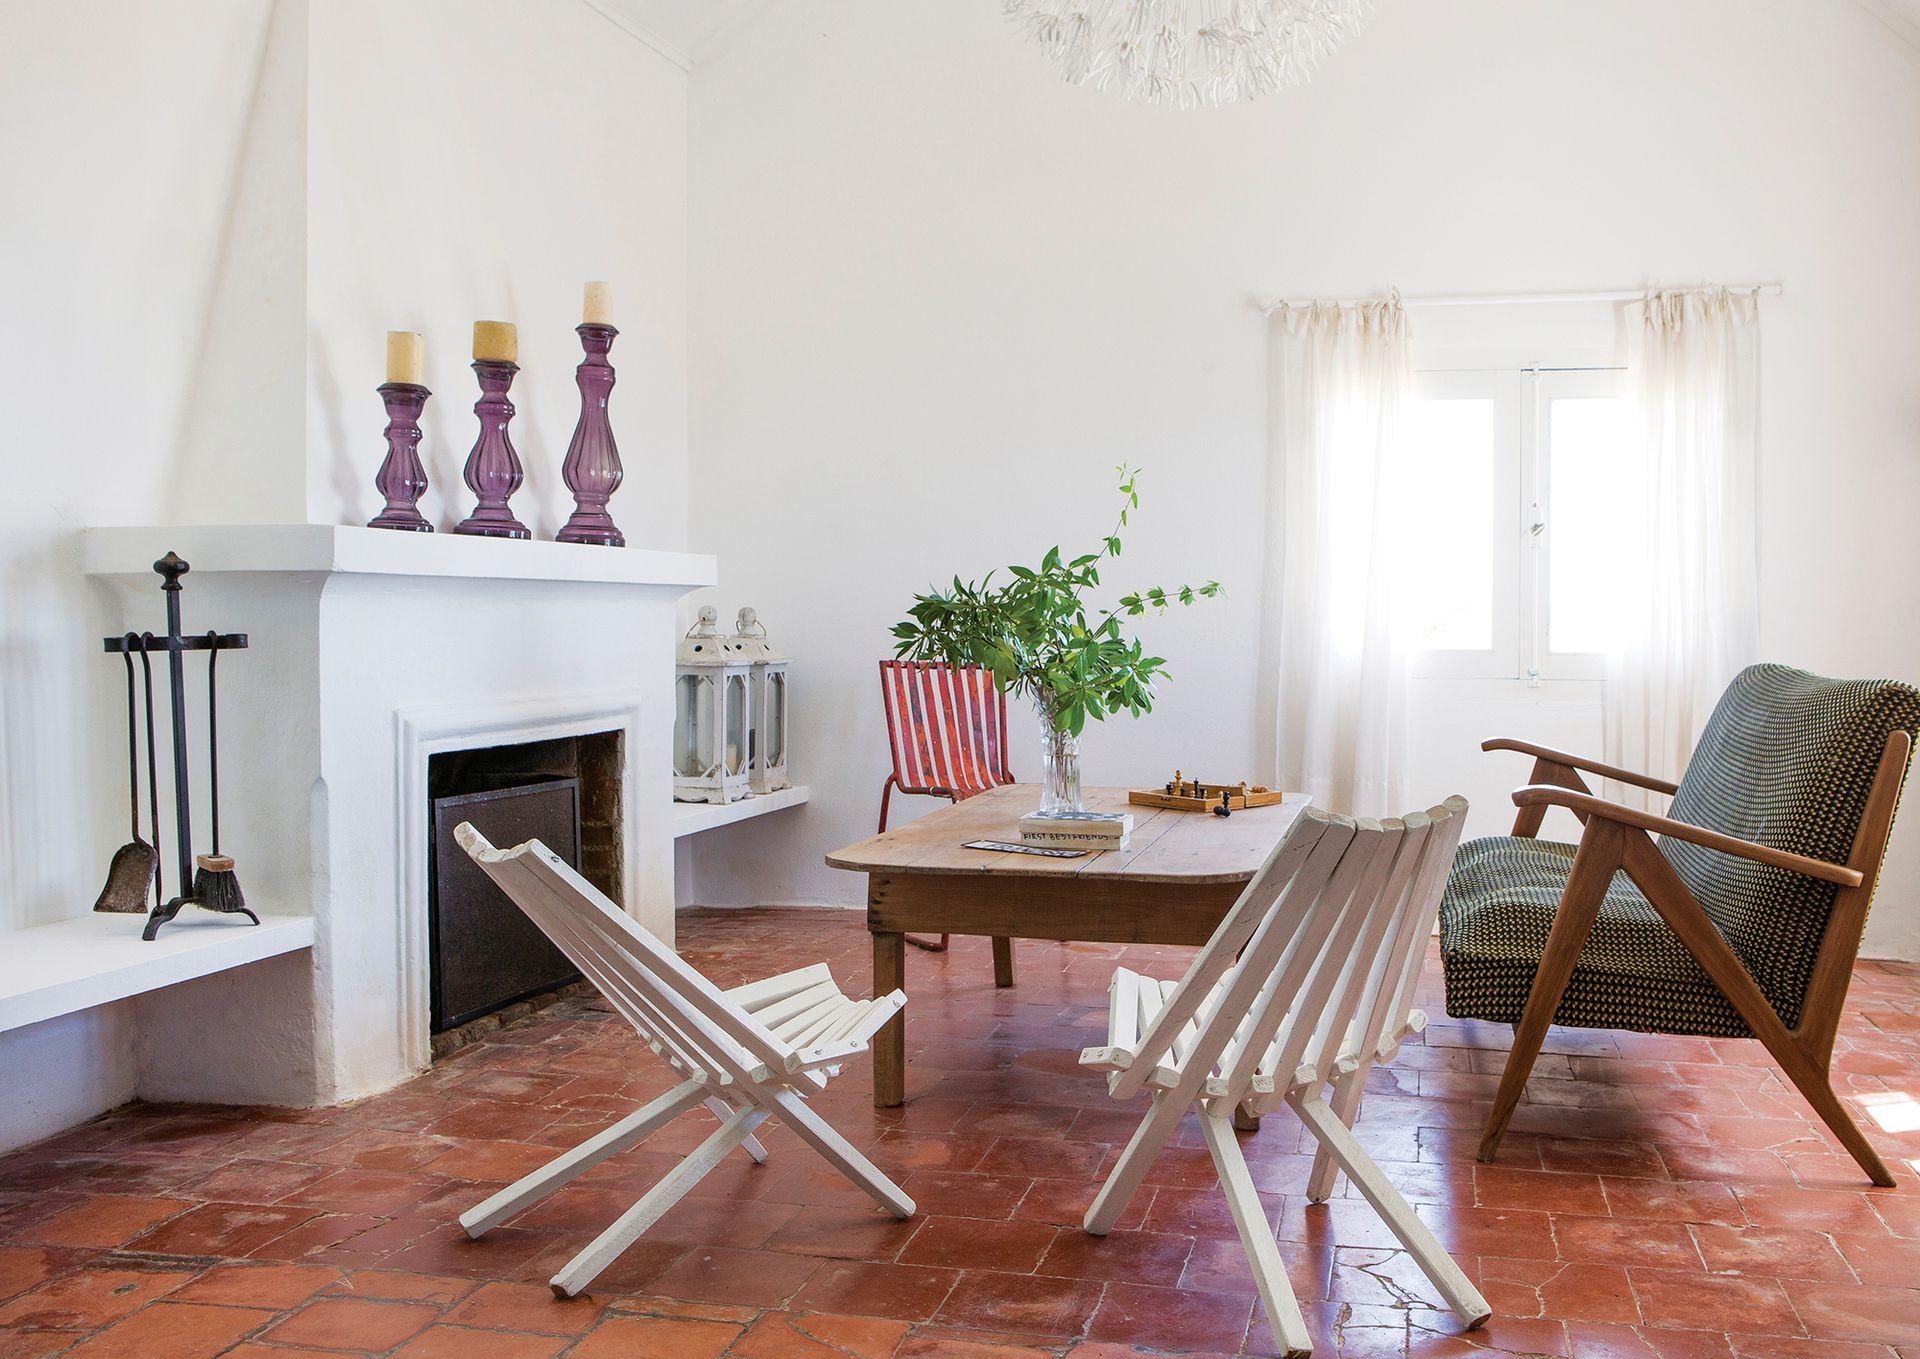 En el living, cerámicos terracota organizado en torno al hogar y mirando a la Rambla. Además, mesita de lapacho, sillas franciscanas pintadas de blanco y un sillón vintage de estilo nórdico con apoyabrazos.